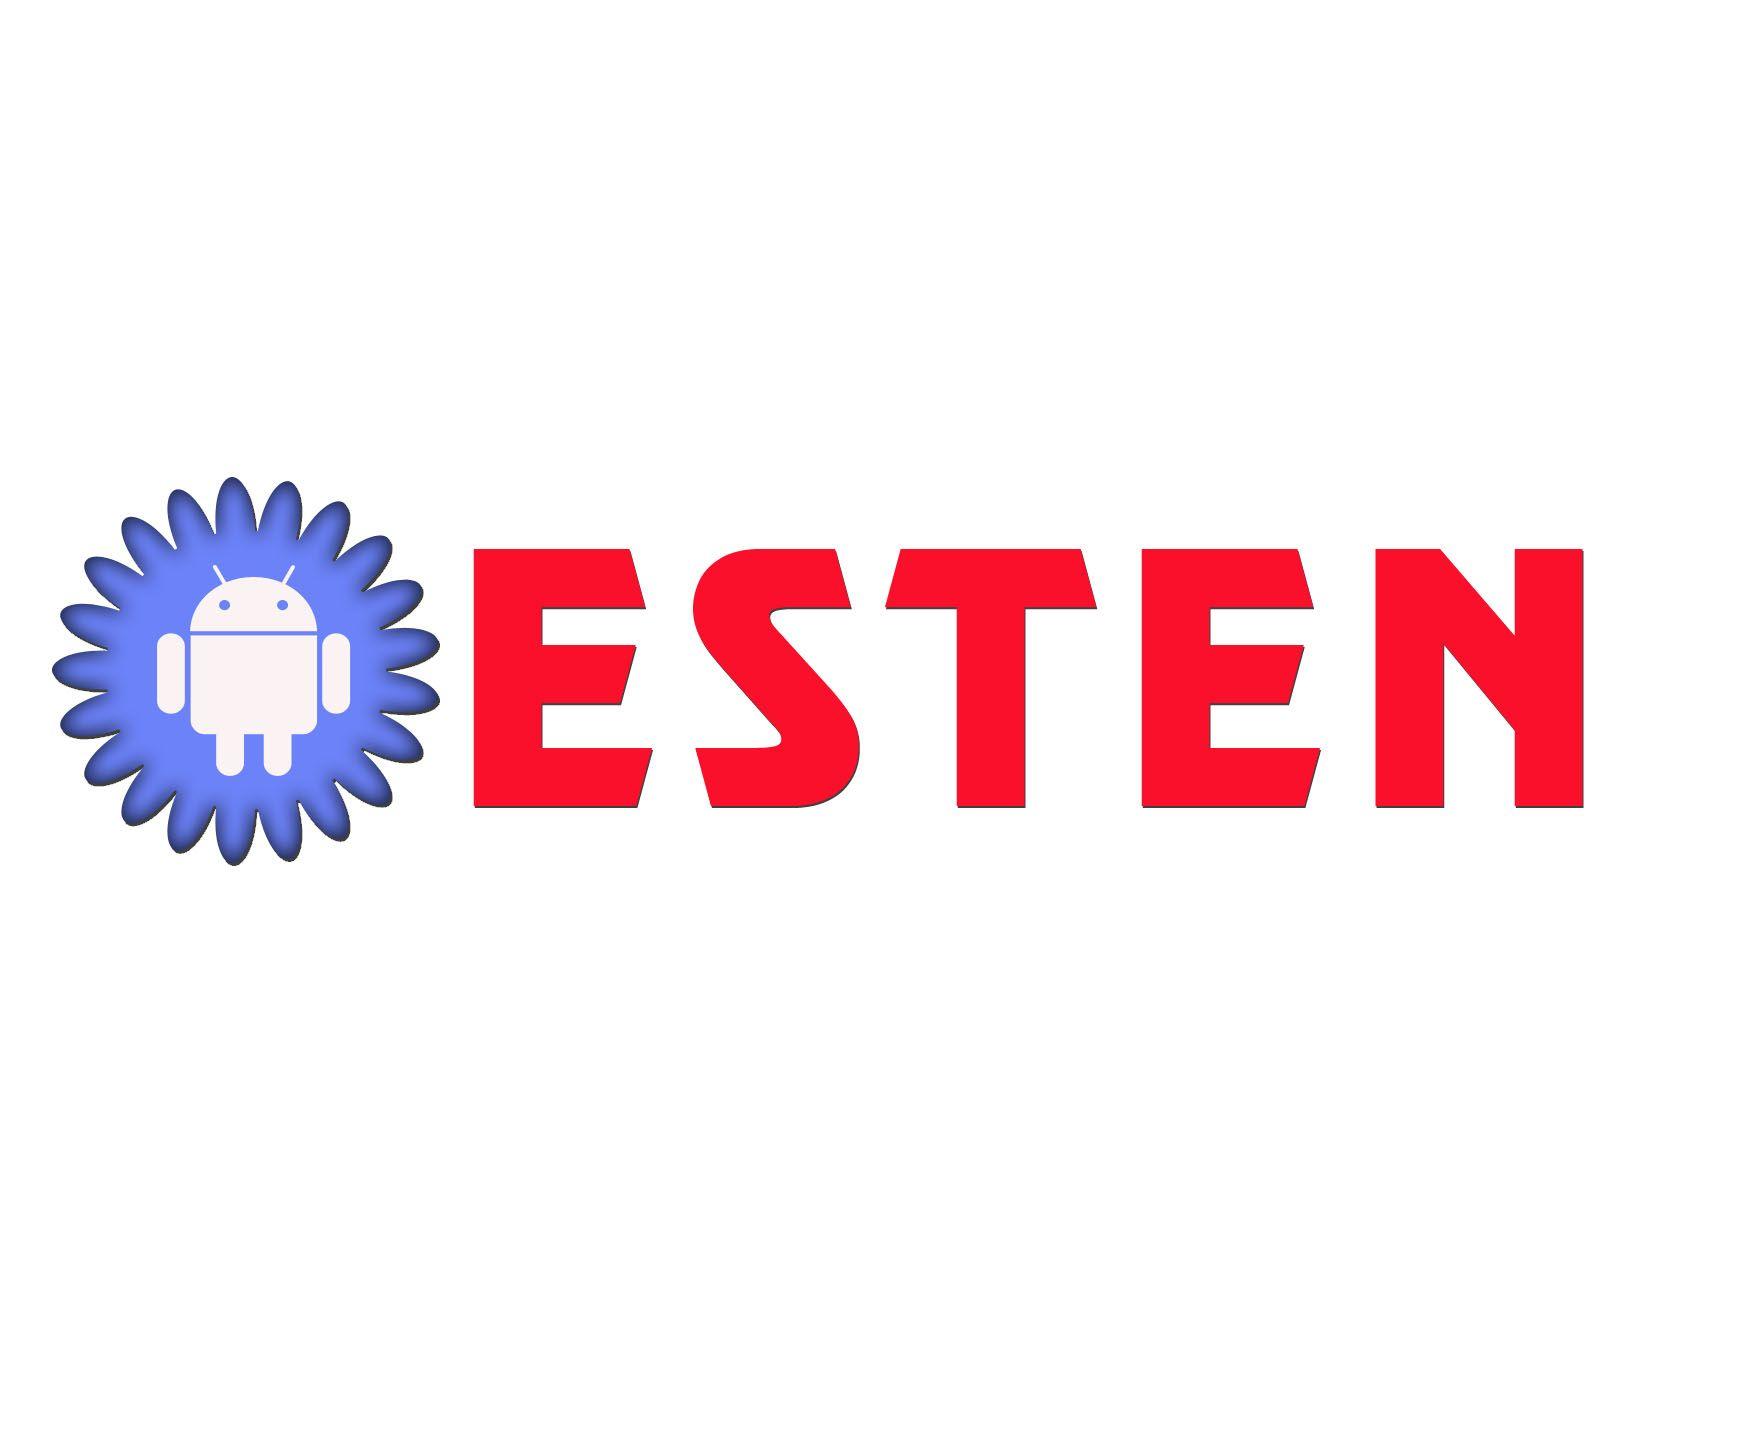 Создание логотипа - дизайнер 140984VV